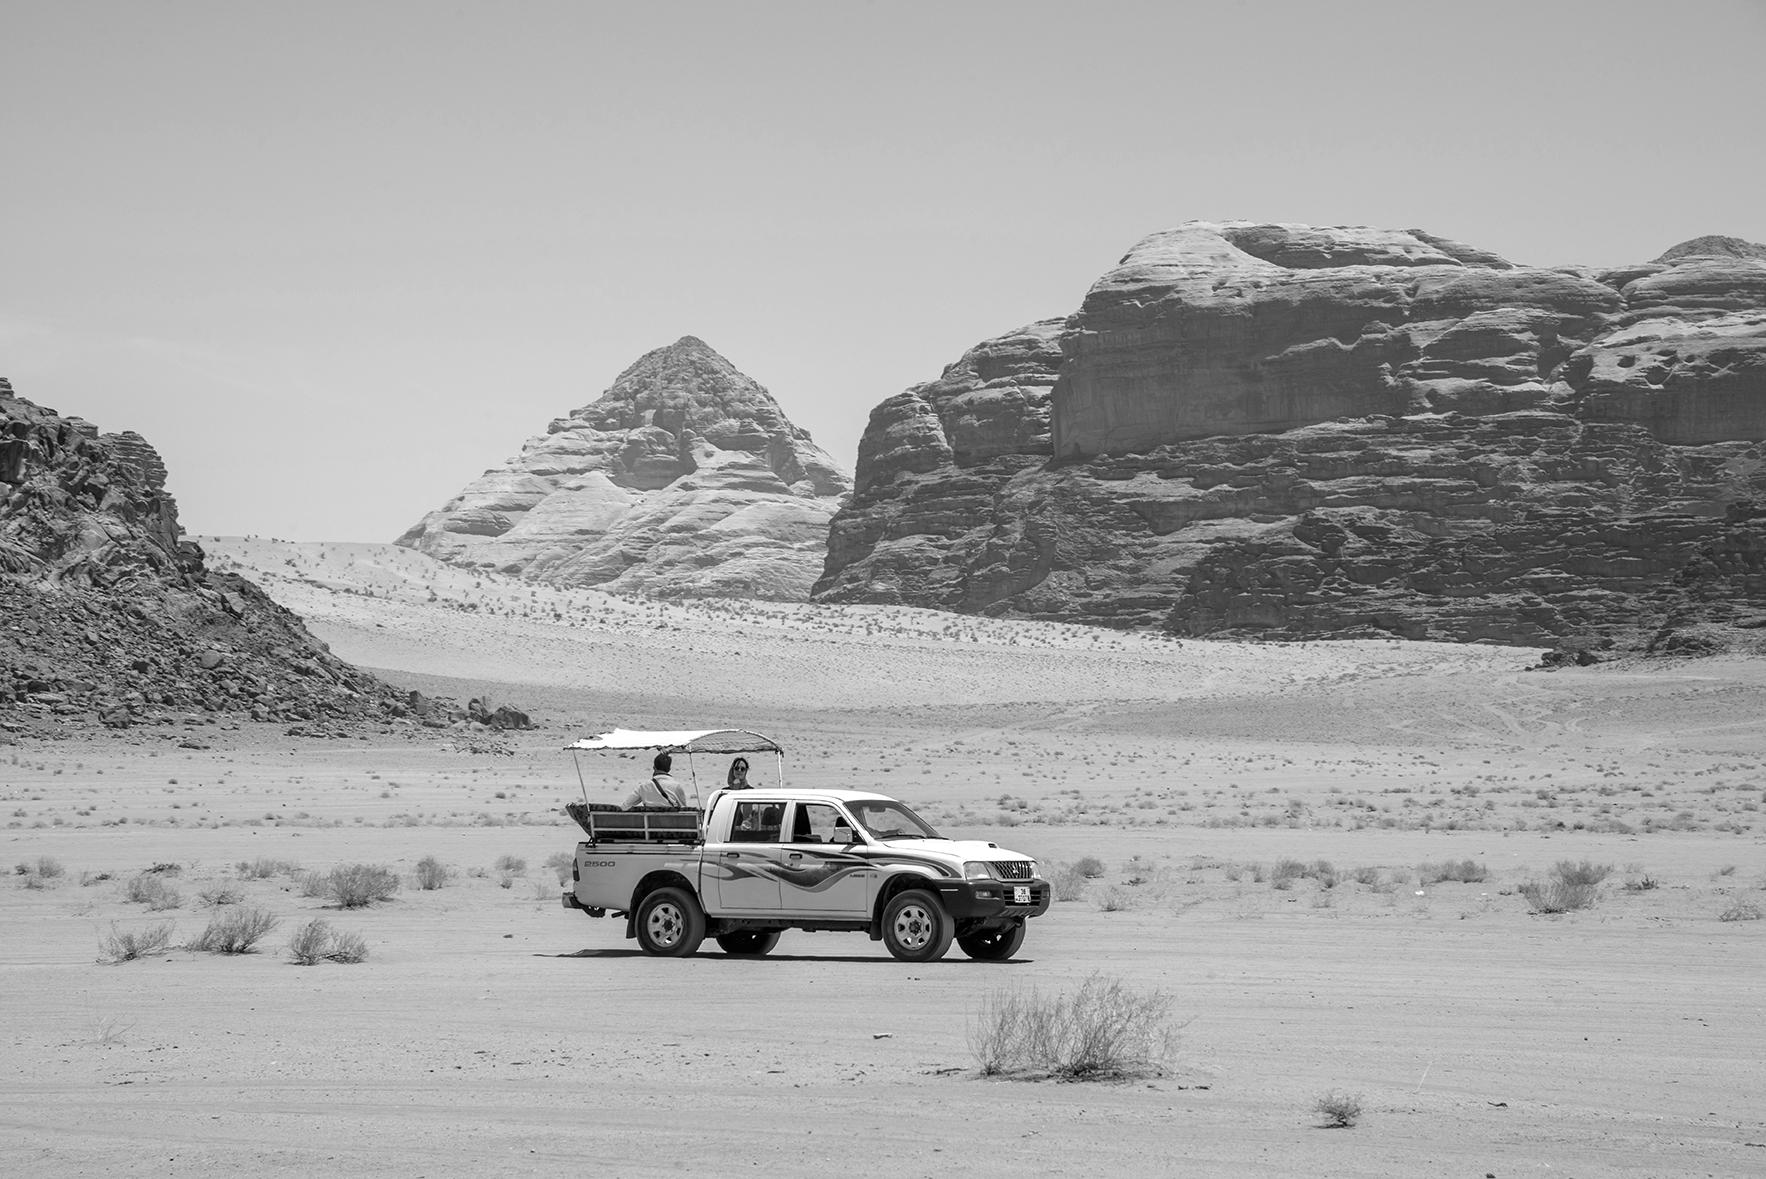 Recorriendo el desierto en las pick-up de los nómadas de la zona